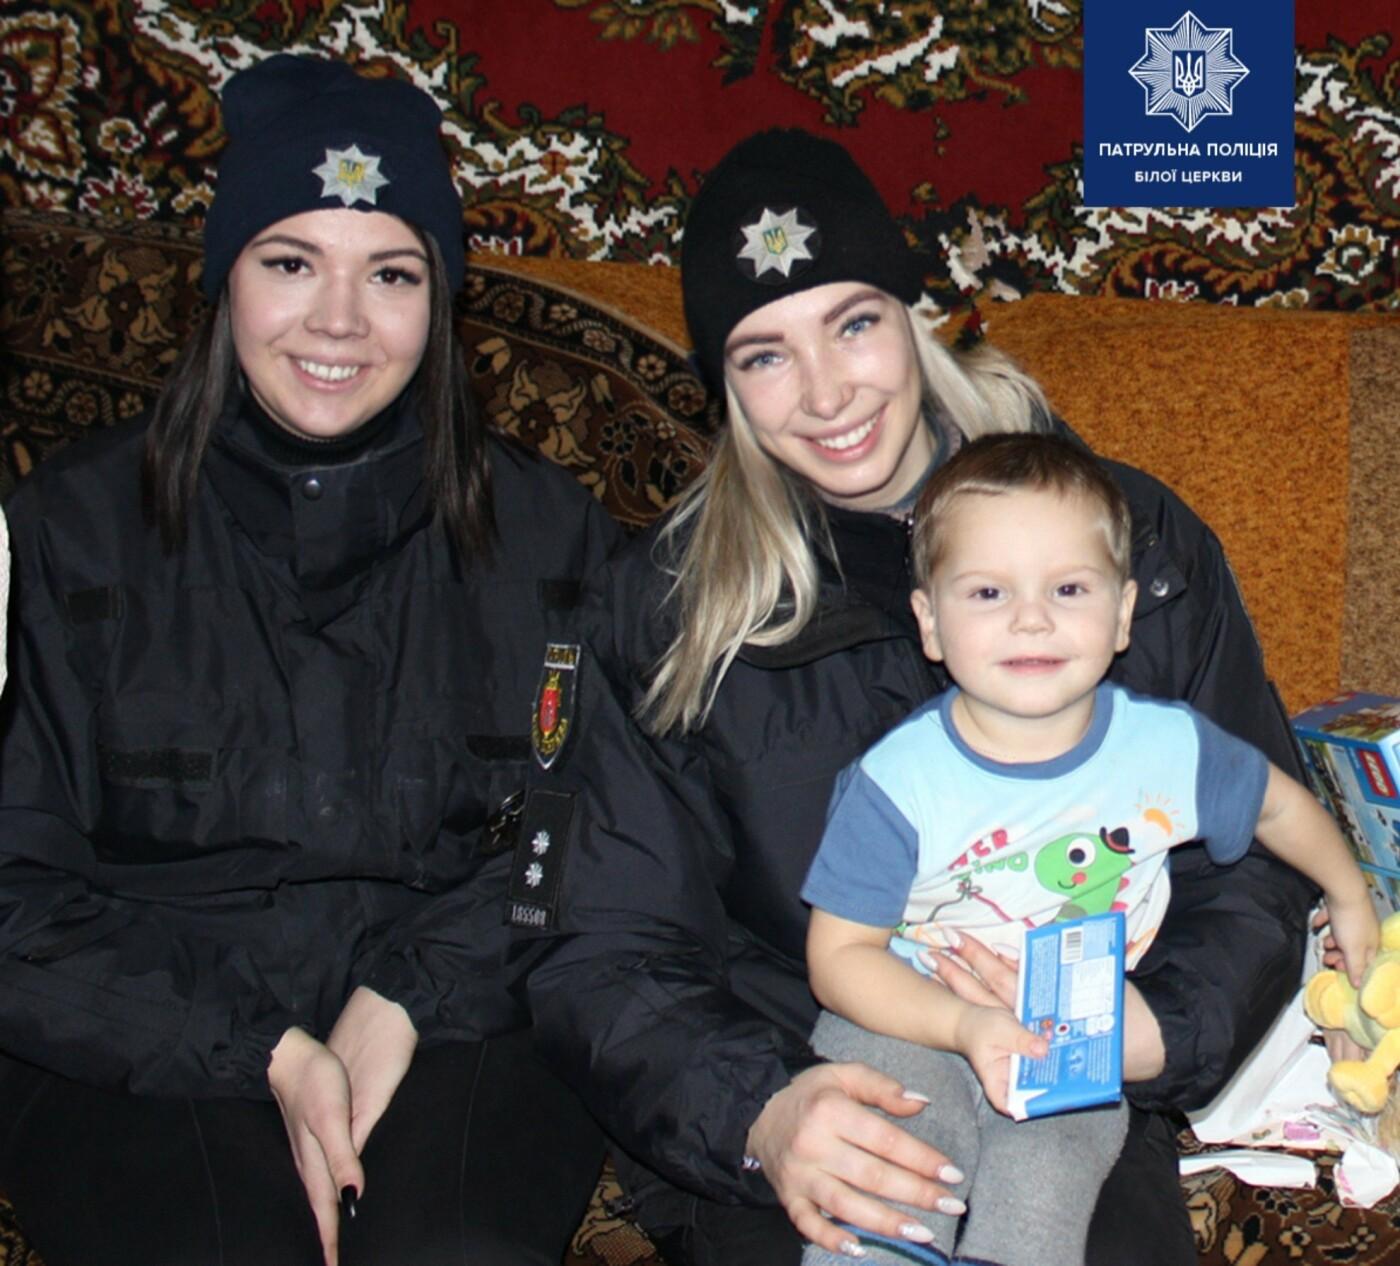 Білоцерківські патрульні та патрульний капелан привітали діток зі святами, фото-3